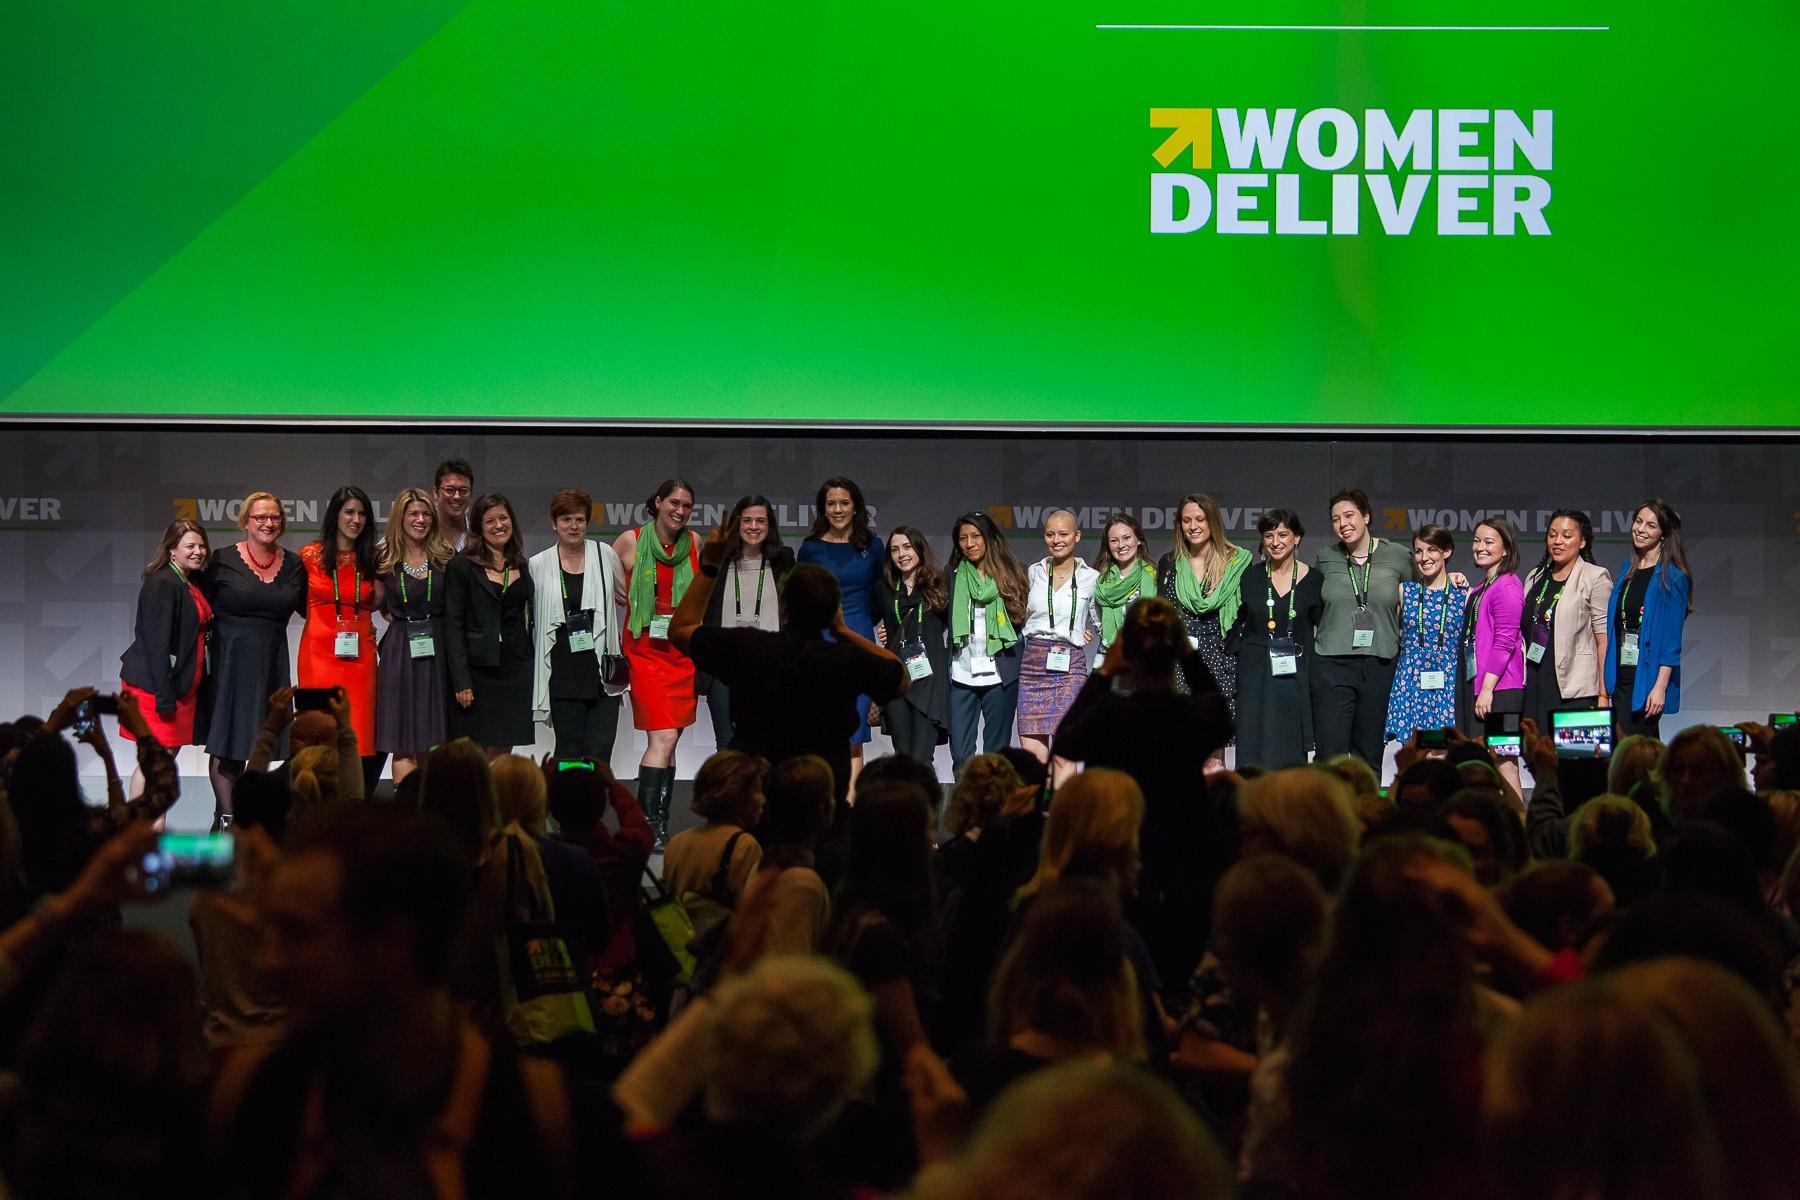 Mulheres o palco após o encerramento de uma das sessões da conferência Women Deliver, que aconteceu em Copenhague